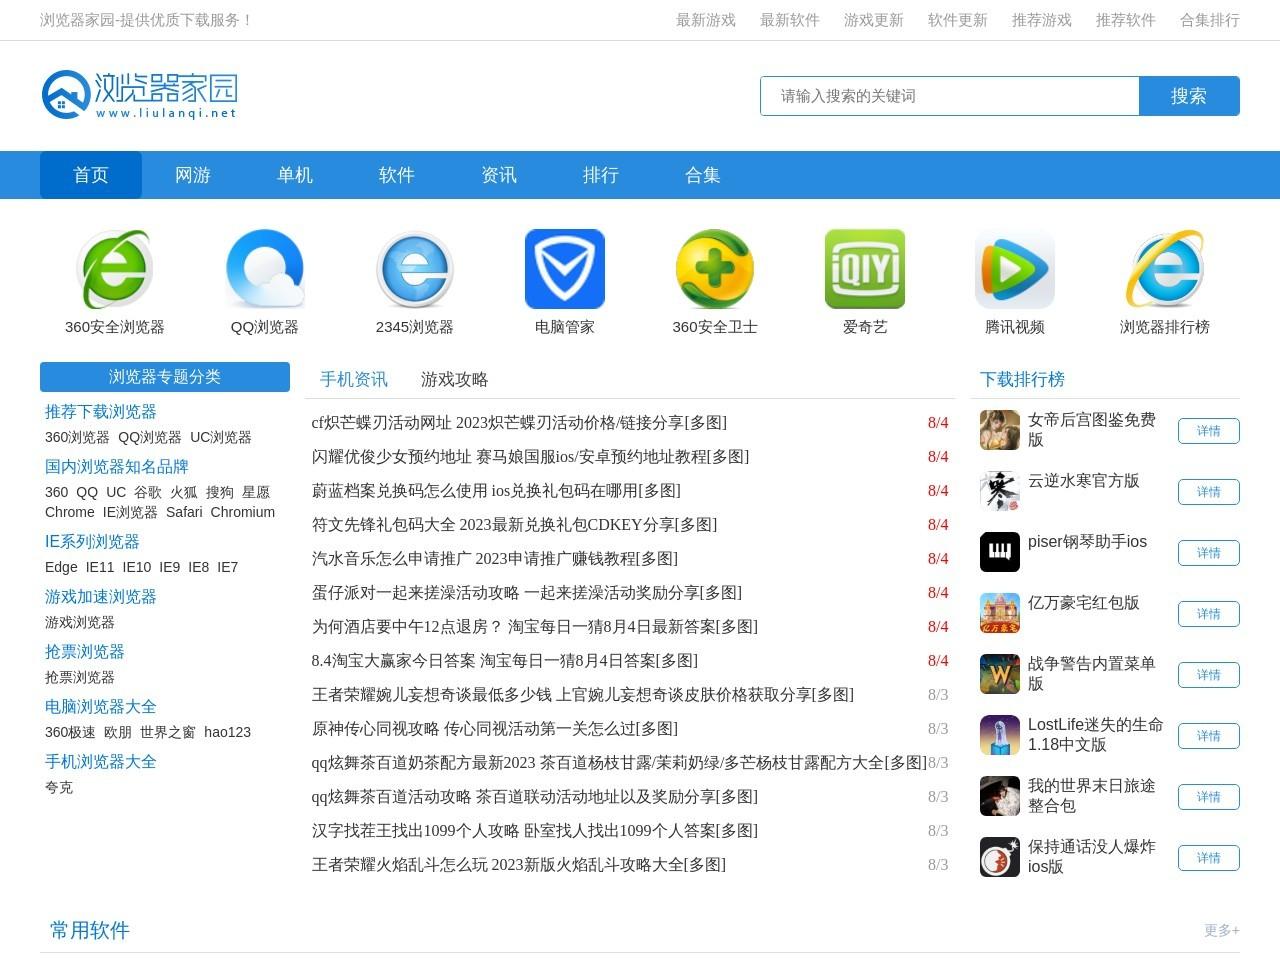 浏览器家园-电脑手机浏览器最新下载推荐评测_2021热门手机软件游戏下载网站